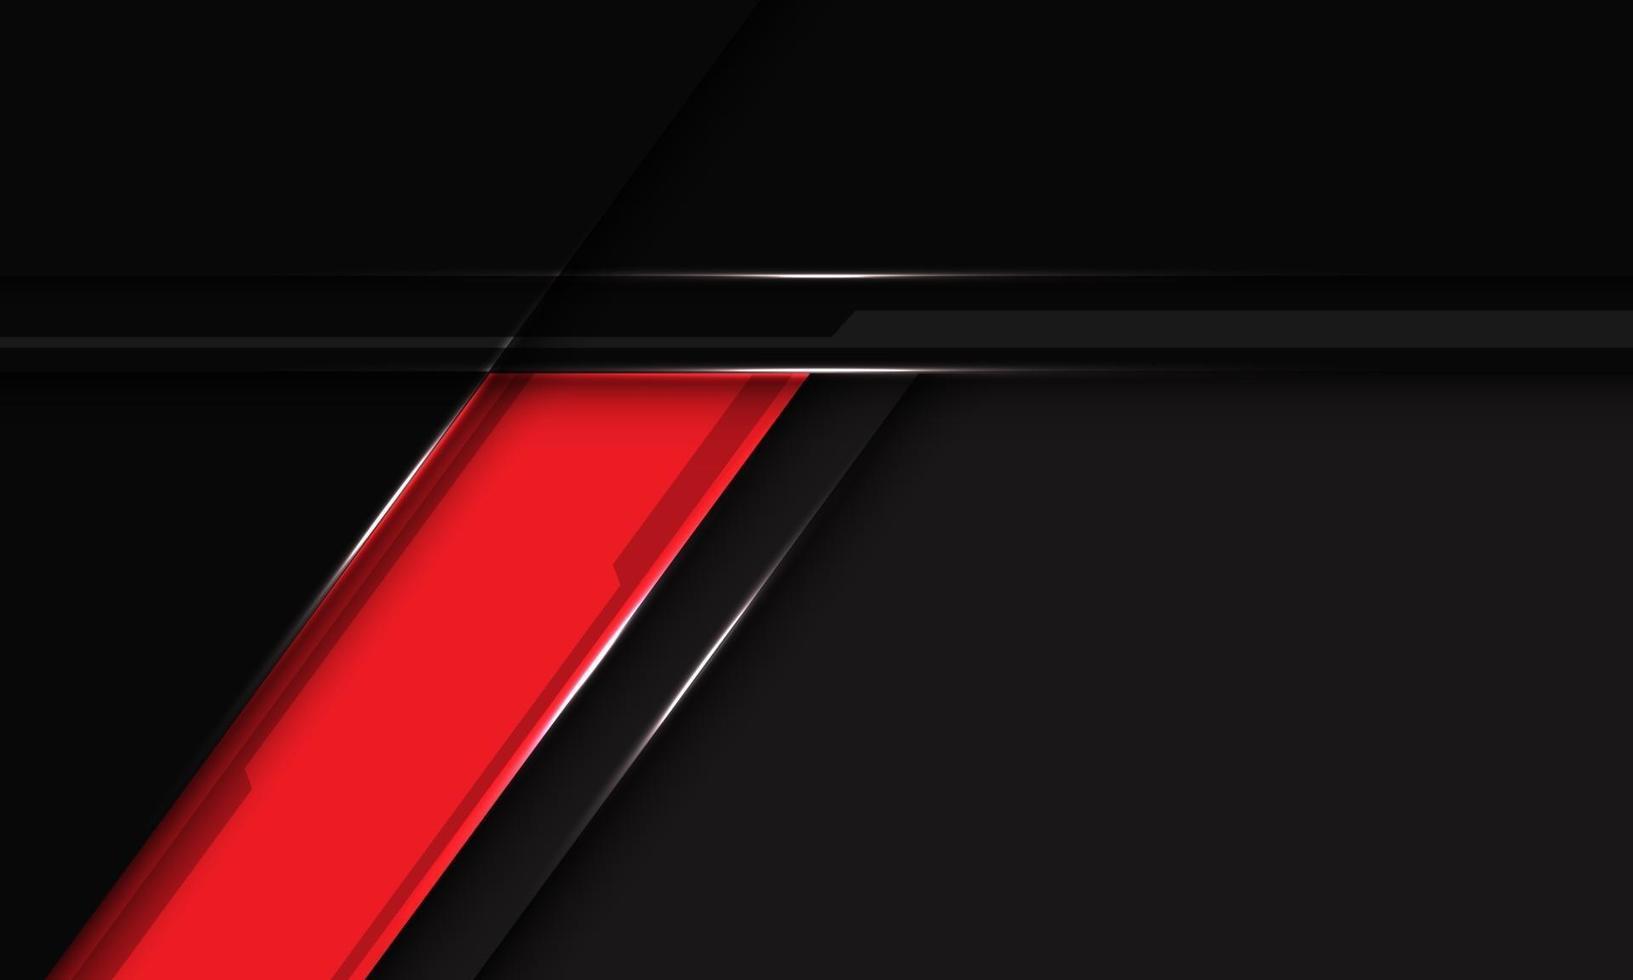 abstracte rode label zwarte metalen schuine streep overlapping met lege ruimte ontwerp moderne futuristische achtergrond vectorillustratie. vector